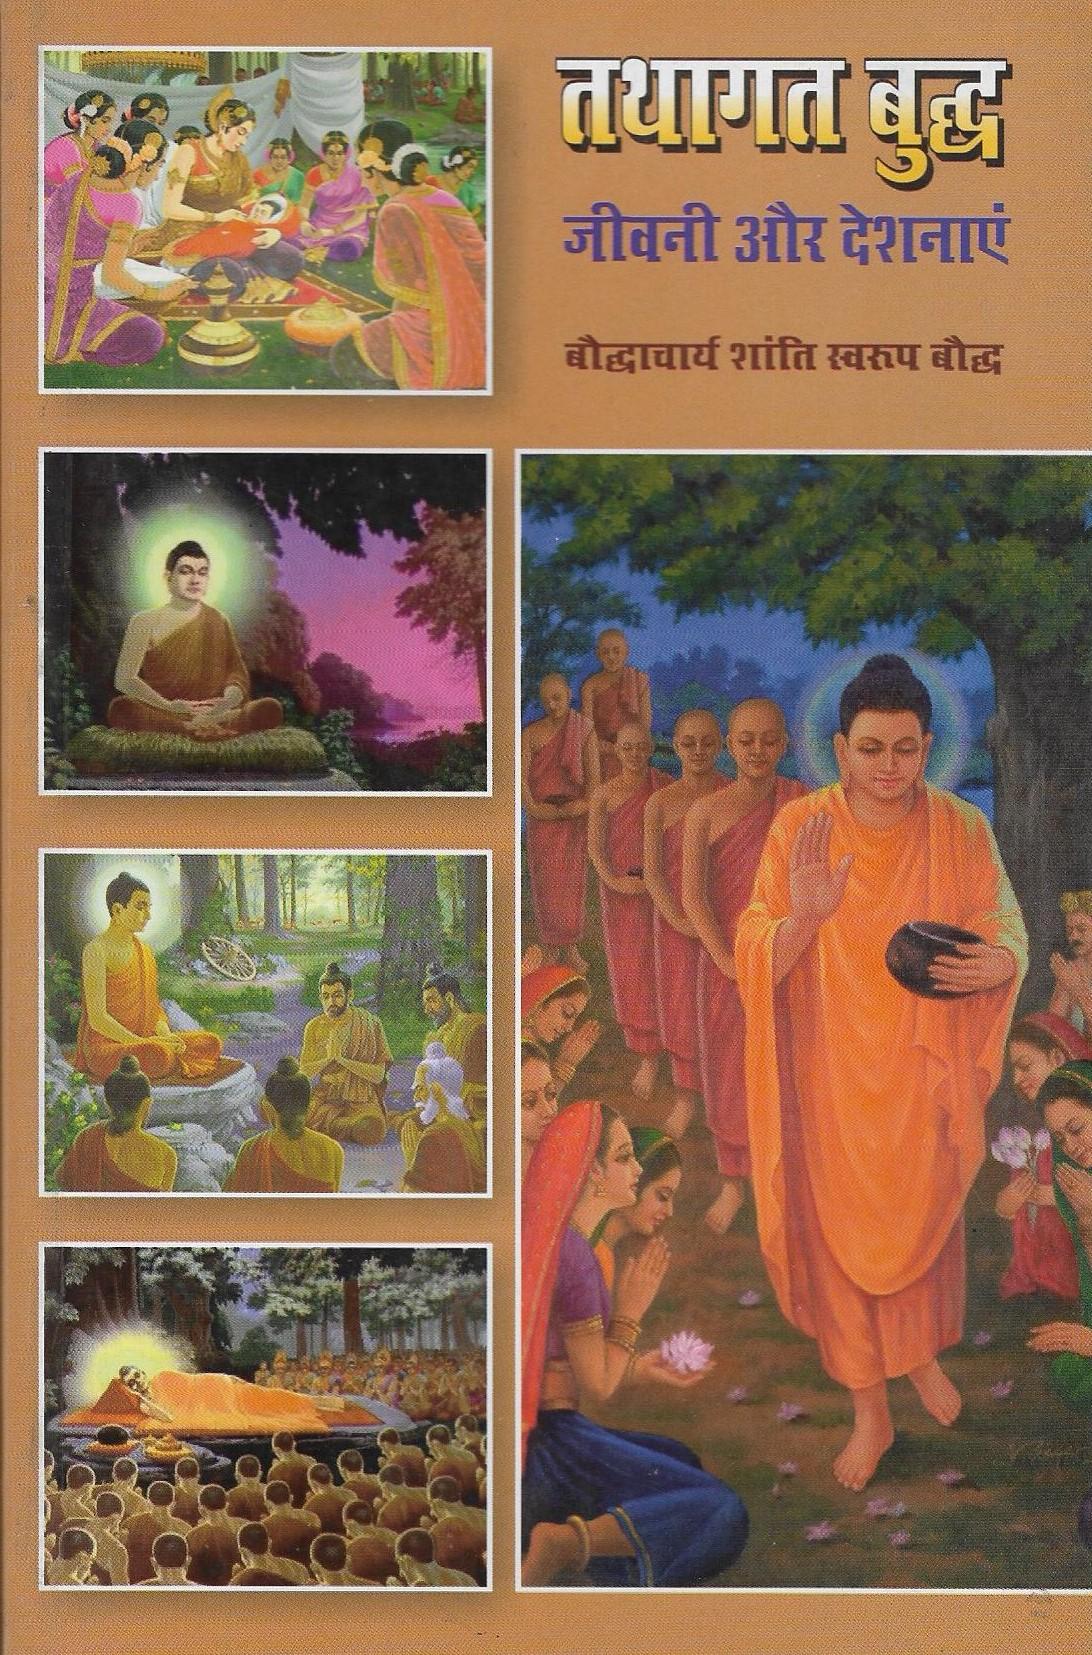 Tathagat buddh